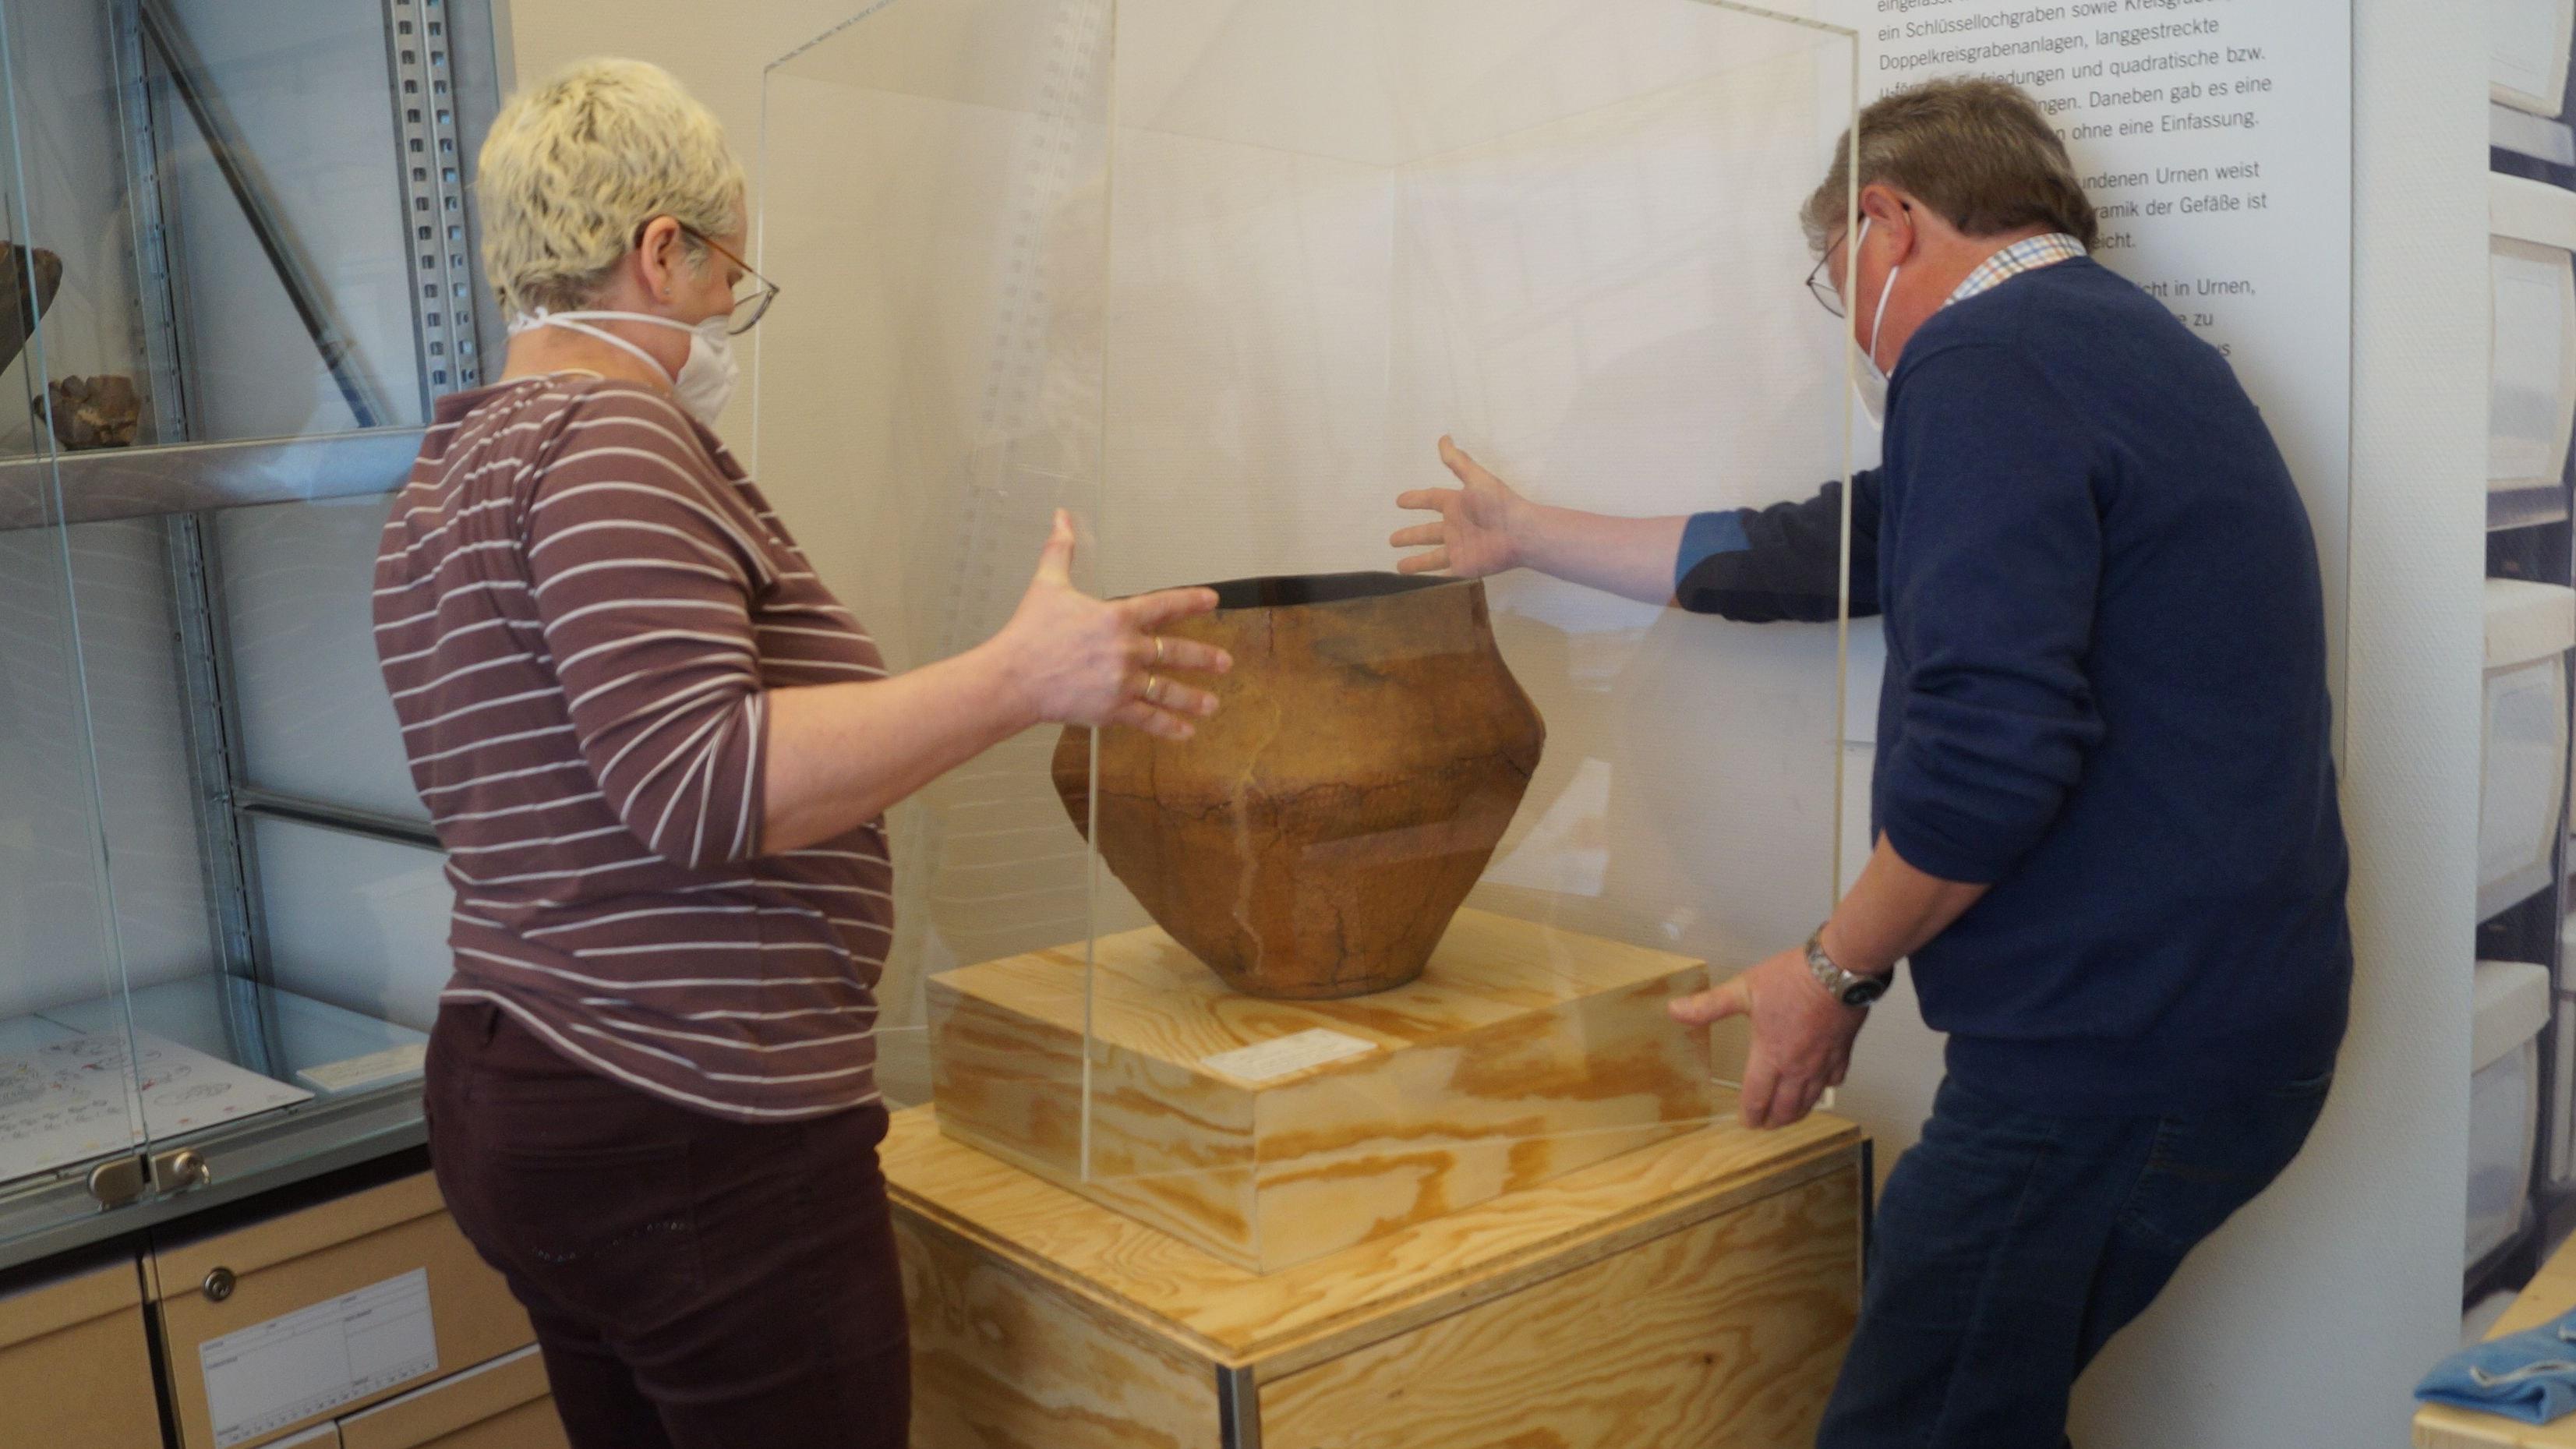 Rund 3.000 Jahre alt: Eine große Urne aus der Bronzezeit hat nun ihren Platz im ArchäoVisbek gefunden. Museumsberaterin Dr. Beate Bollmann und Manfred Gelhaus vom Heimatverein Visbek setzen das Fundstück angemessen in Szene. Foto: C. Meyer